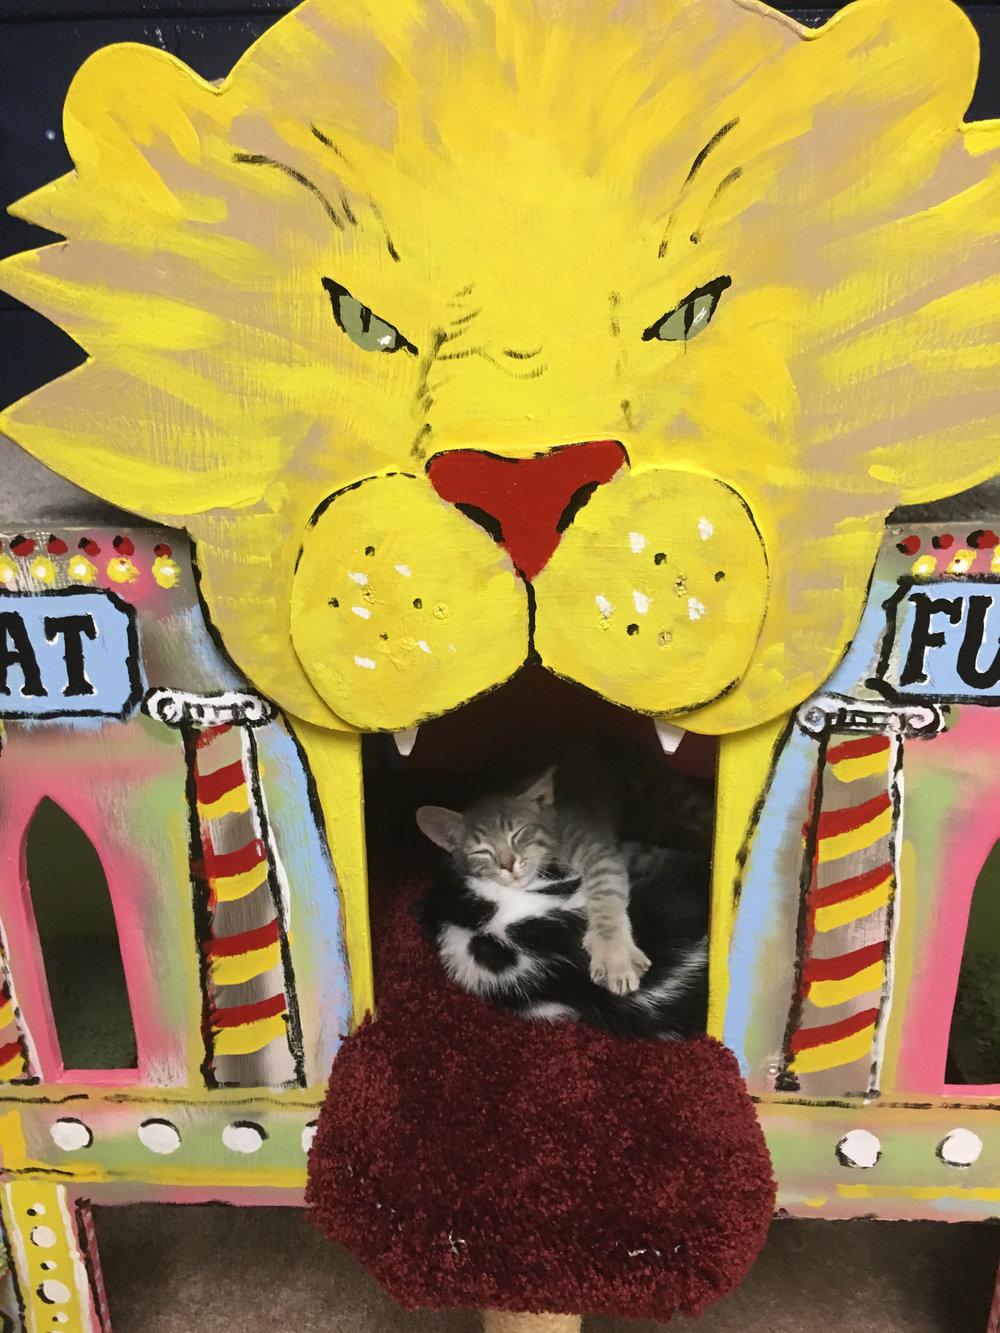 sq-paws-sacc-carnival-013.jpg